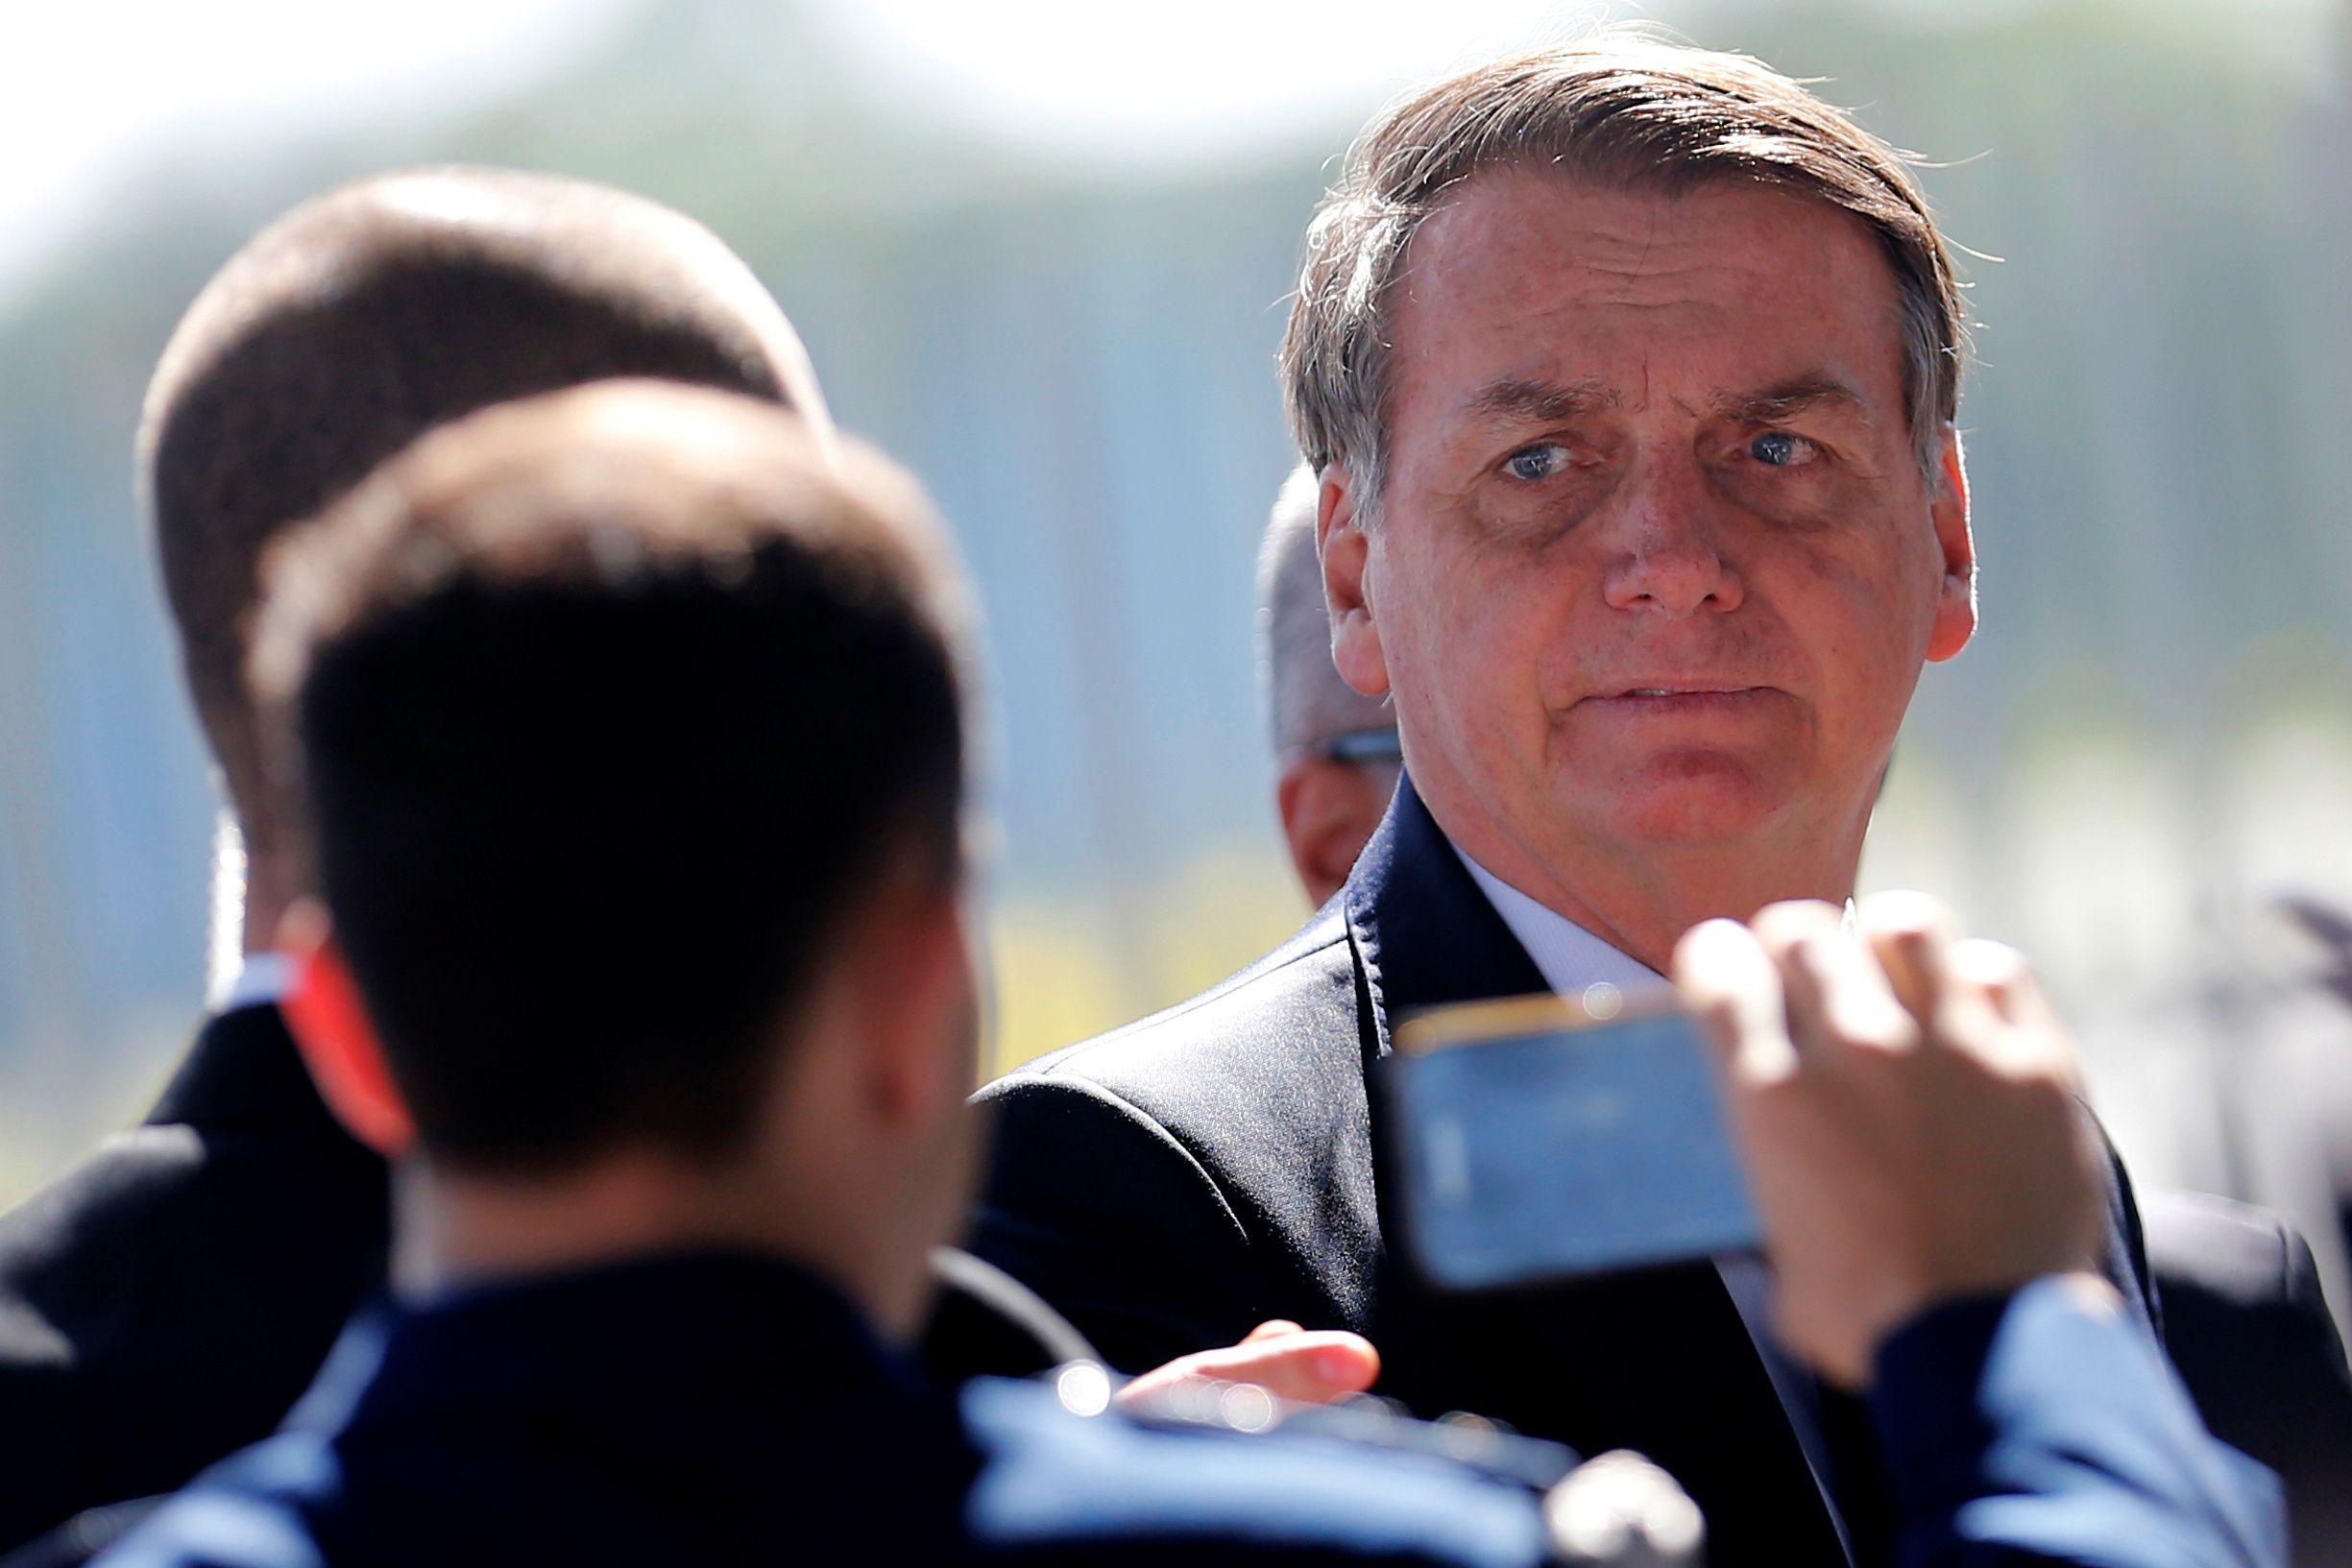 El presidente de Brasil, Jair Bolsonaro, criticó a Alberto Fernández y adelantó que no vendrá a su asunción